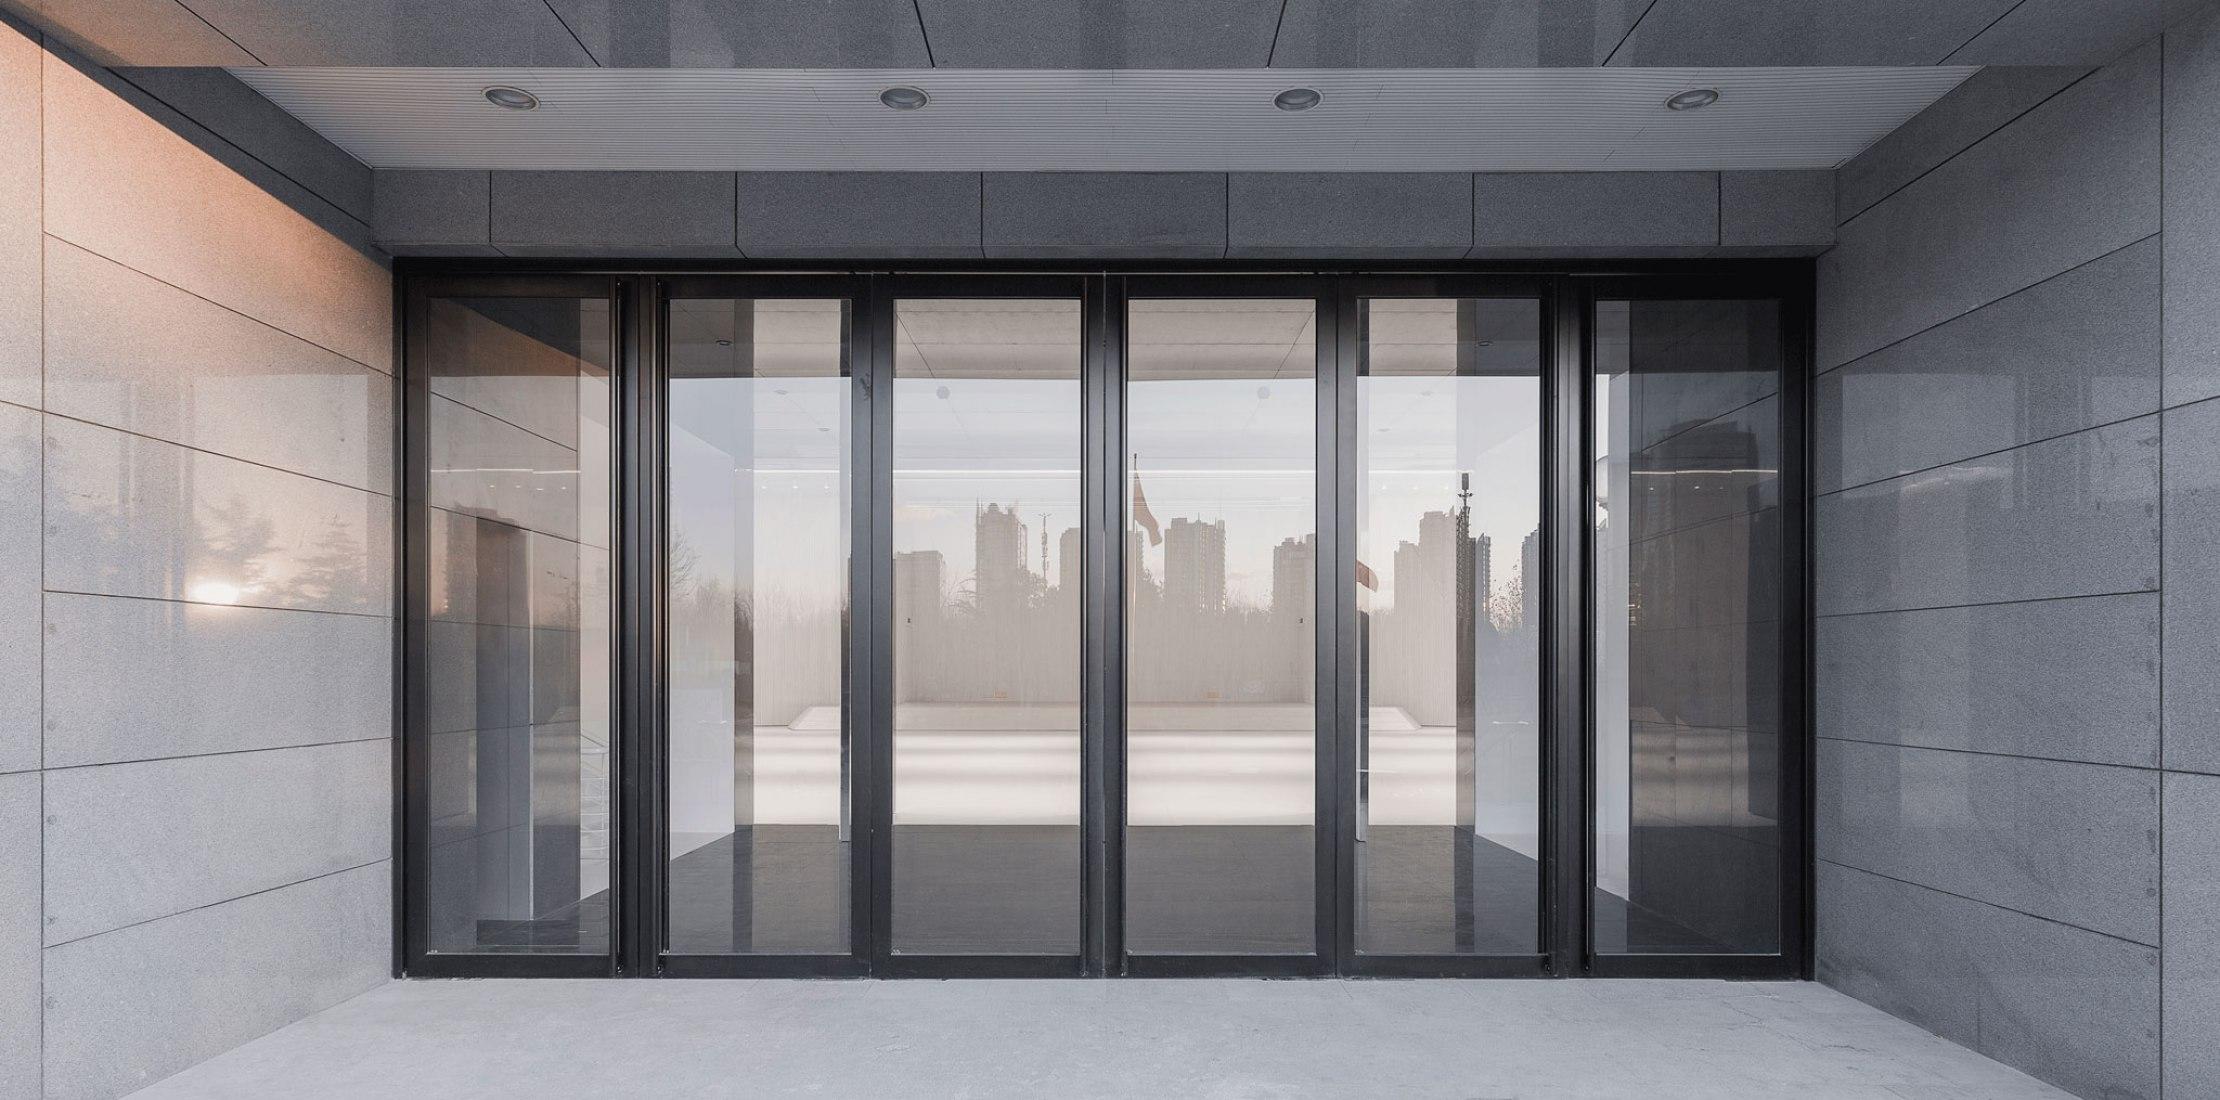 Acceso. Renovación de la Sala Multi-funcional en CAFA por Han Wenqiang y Zhao Yang. Fotografía por Jin Weiqi